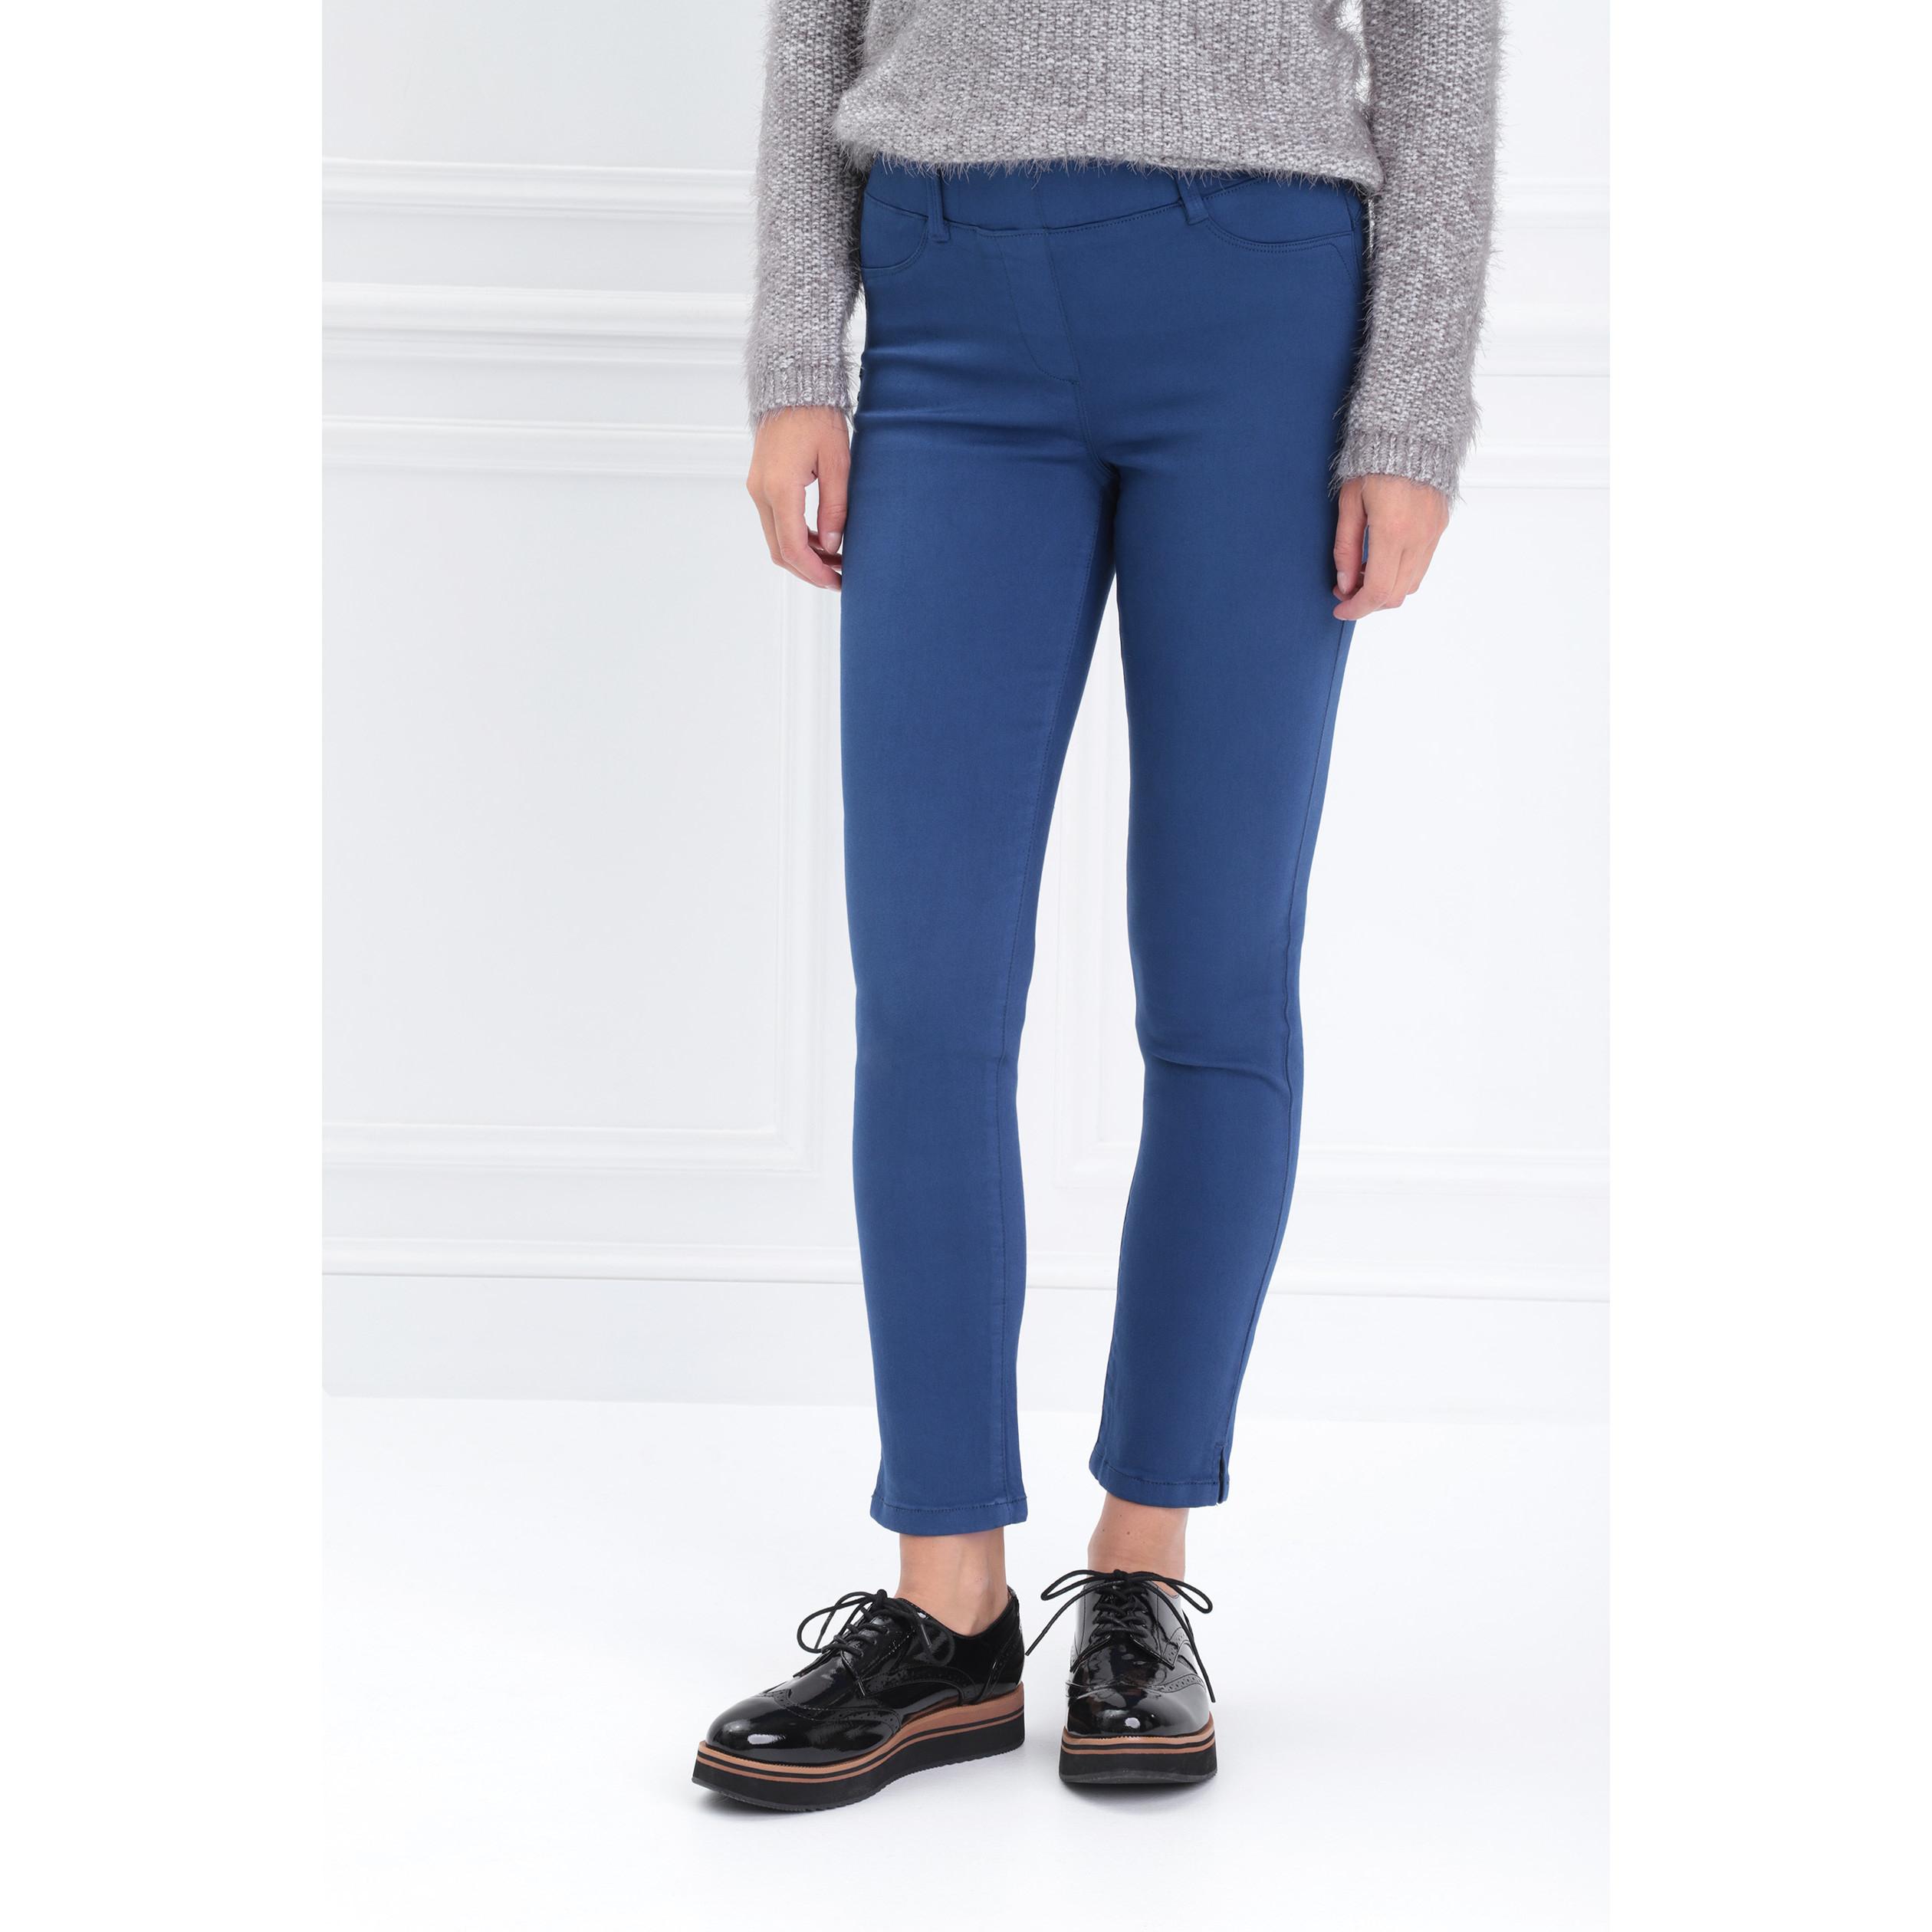 large sélection sélectionner pour le meilleur fabrication habile Tregging taille standard bleu roi femme